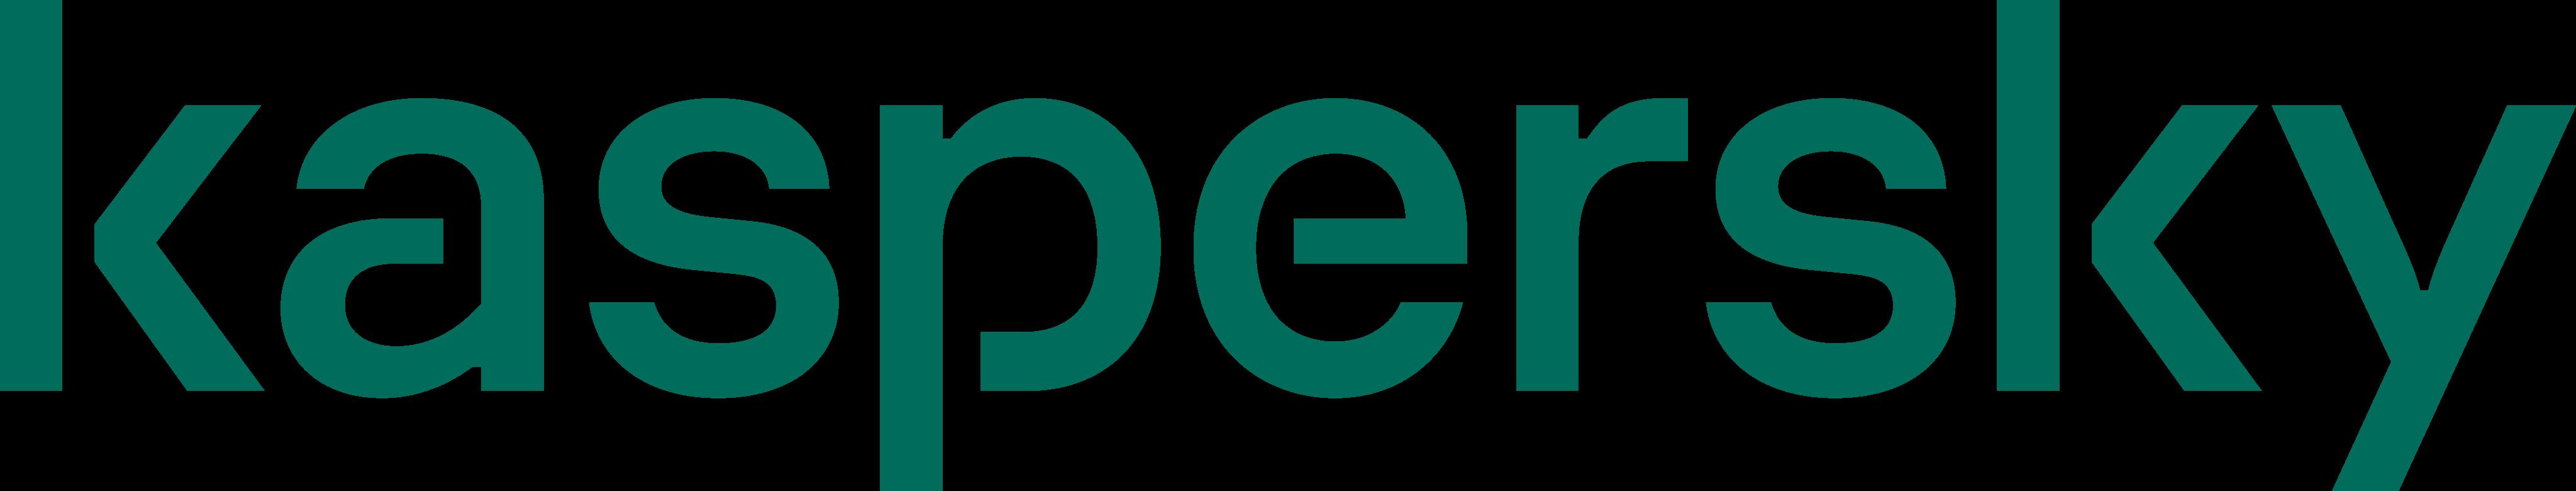 kaspersky logo 8 - Kaspersky Logo